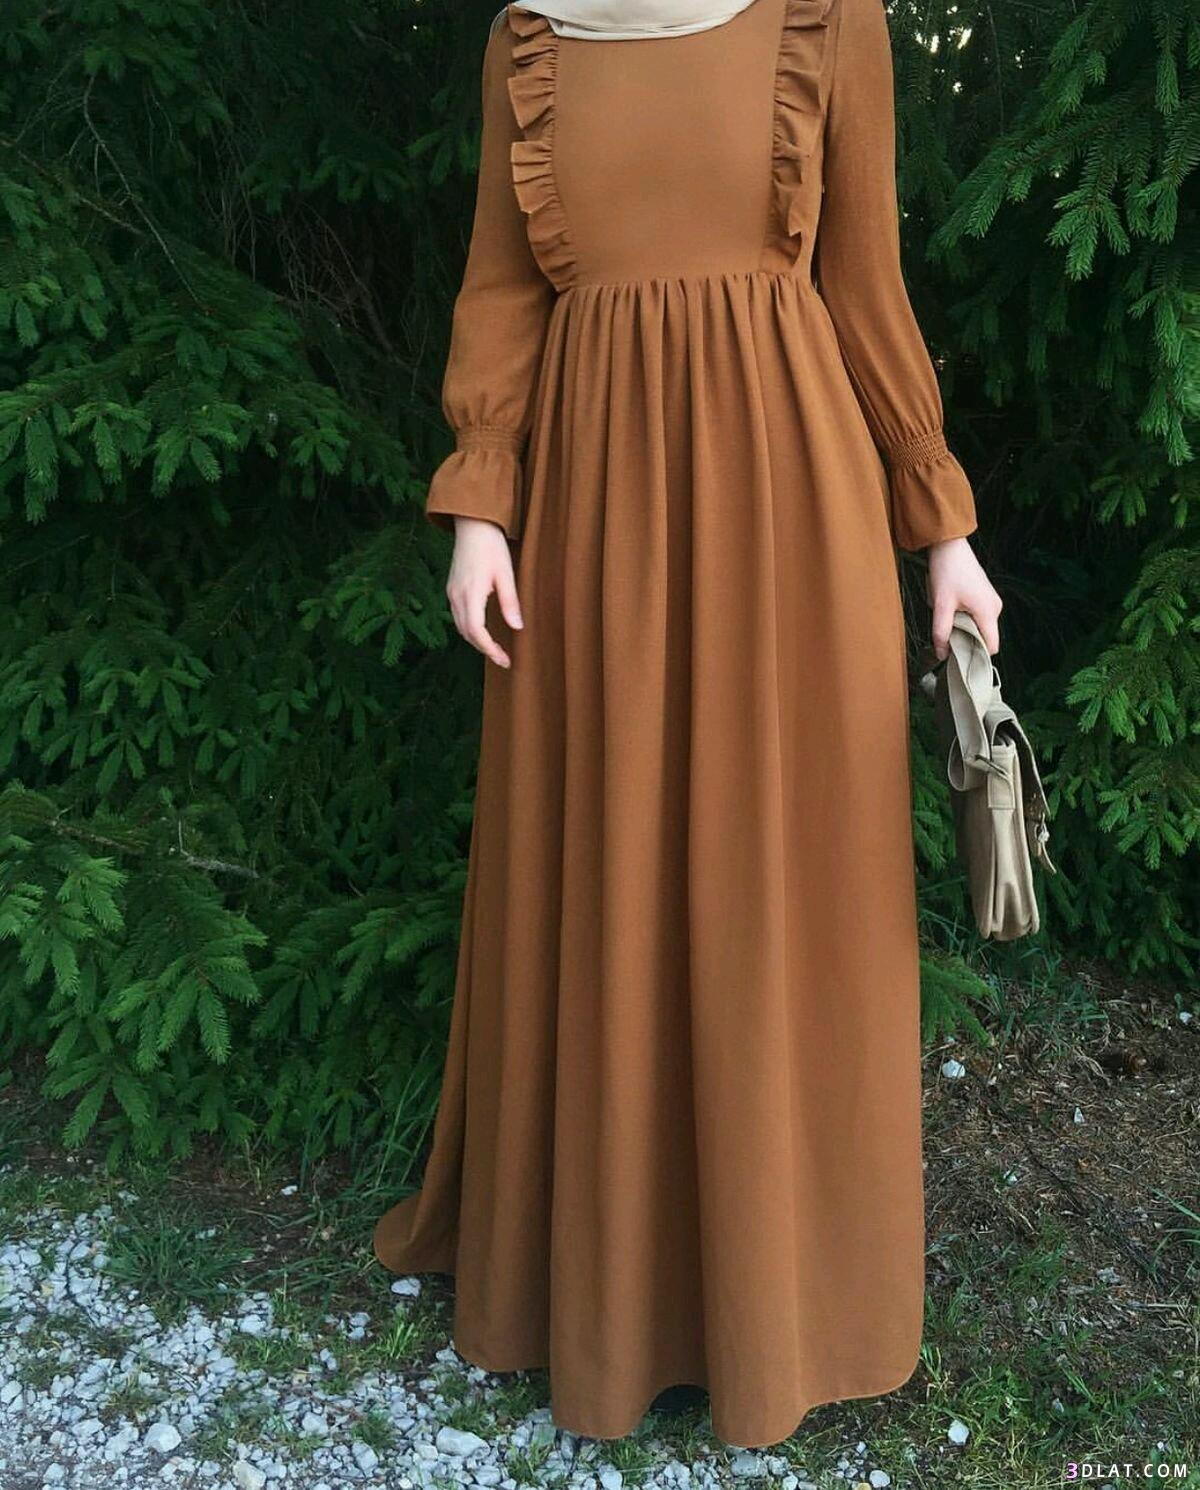 صورة فساتين تركية للمحجبات , اروع الفساتين التركية للبنات المحجبات في غاية اجمال 6453 1